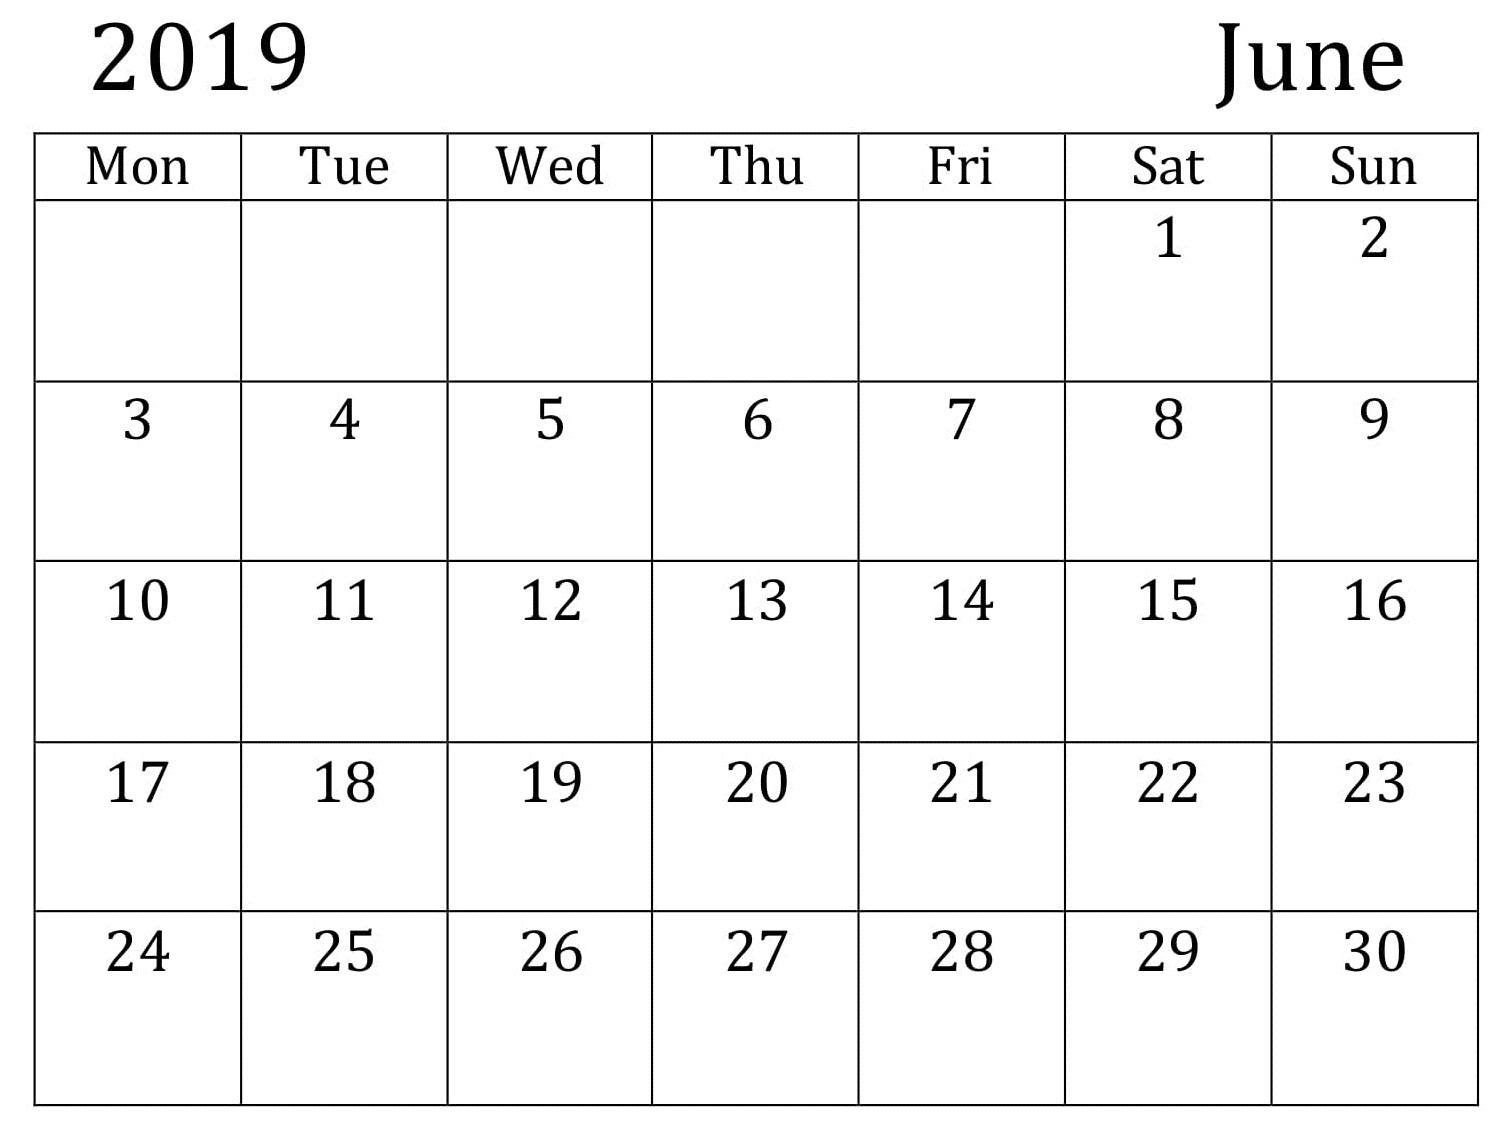 June Calendar 2019 Printable PDF